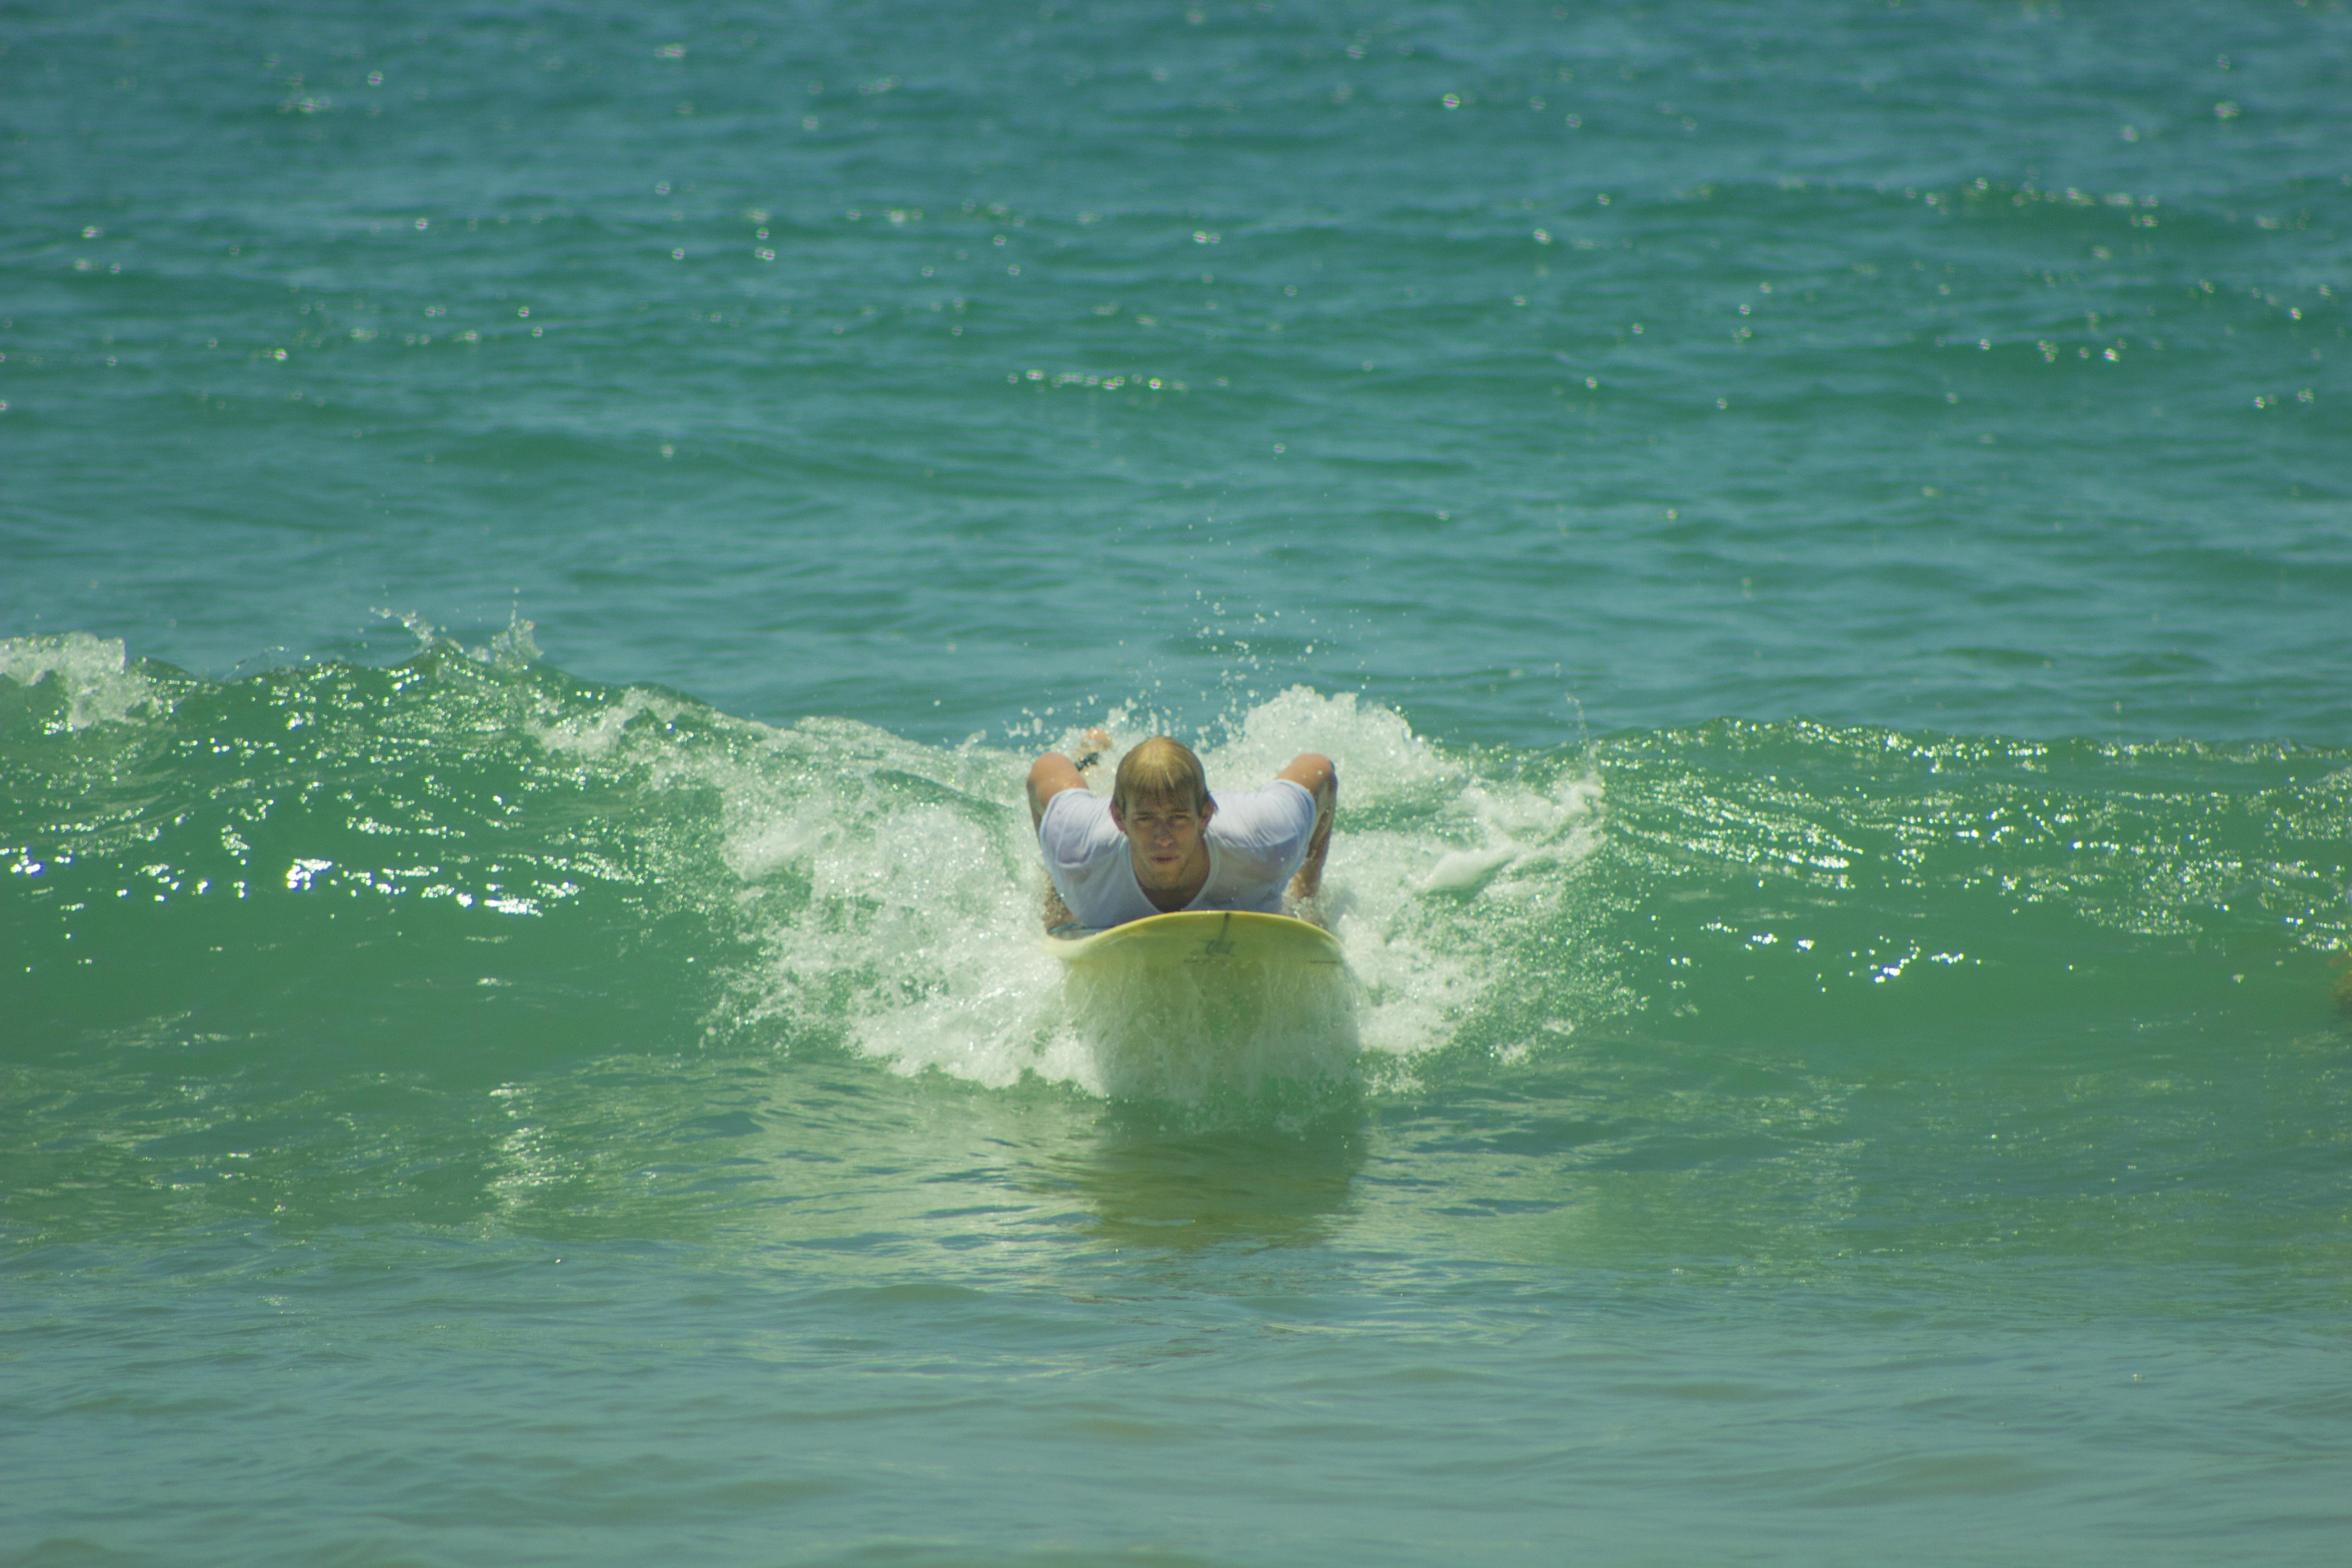 Daniel Surfing